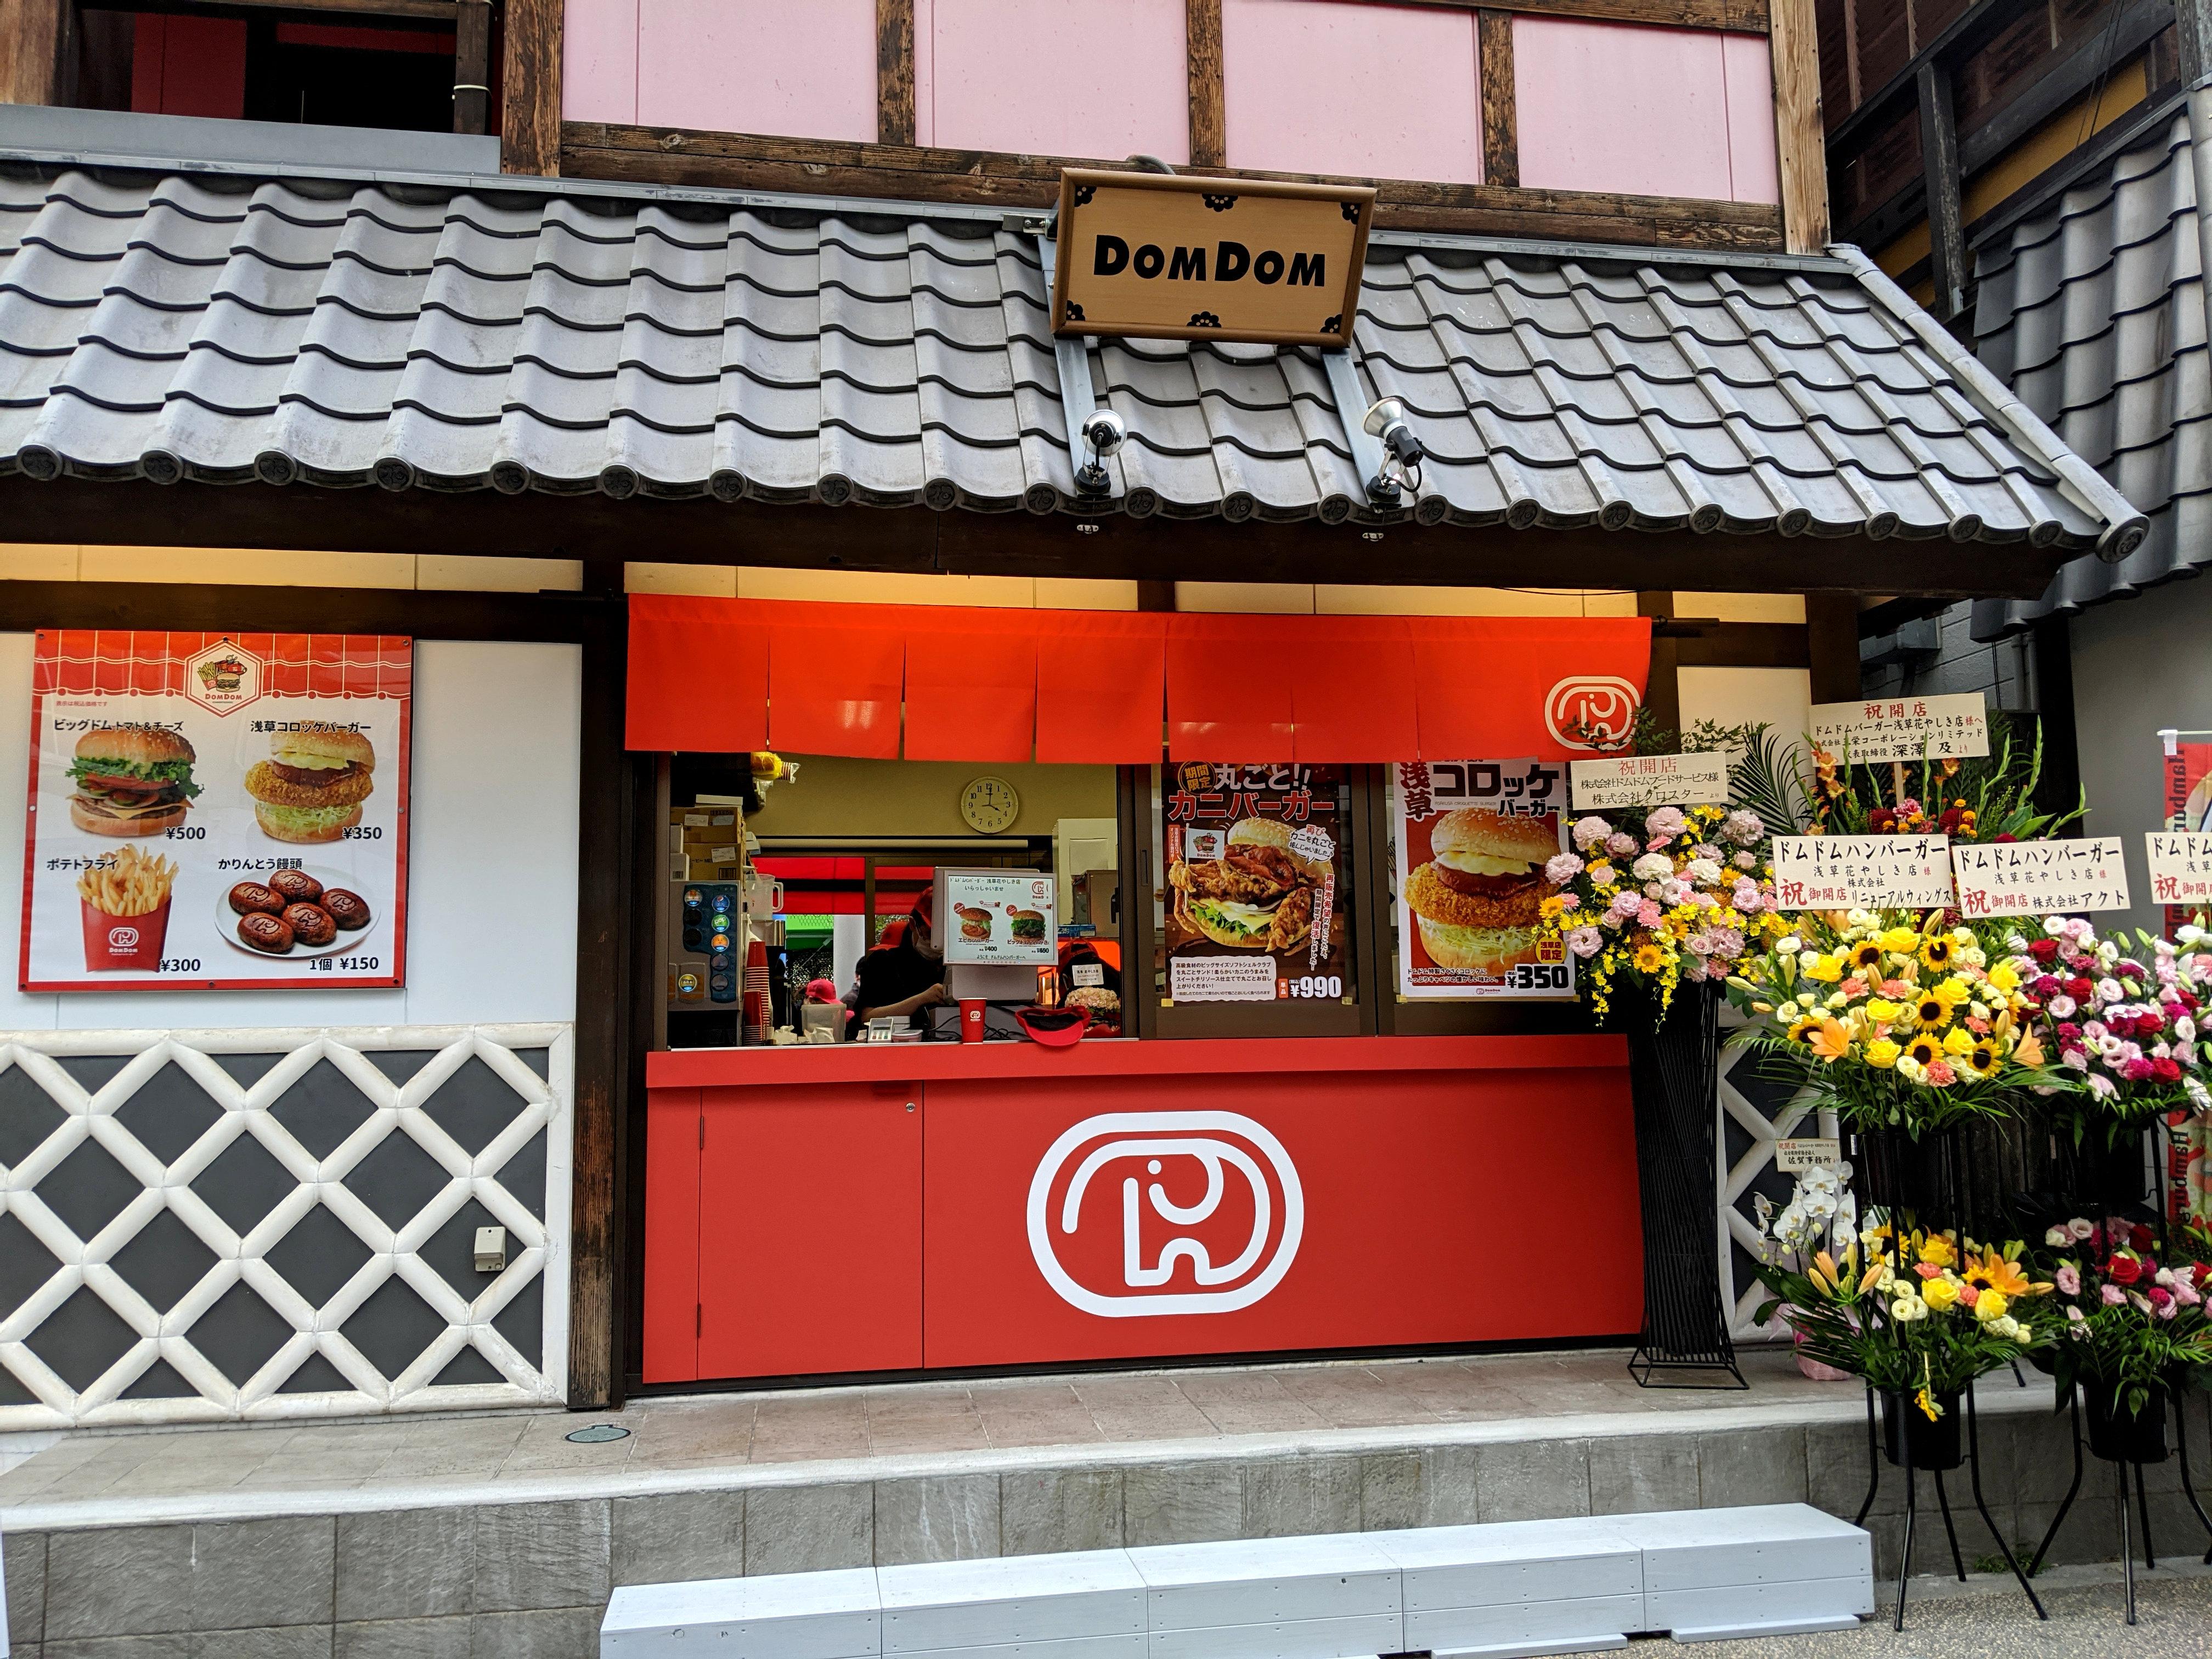 【インタビュー】ドムドムハンバーガー社長に聞いた今後の事業戦略「お店に来て頂いたお客様の1番に」 / 37歳で初就職したスゴイ社長